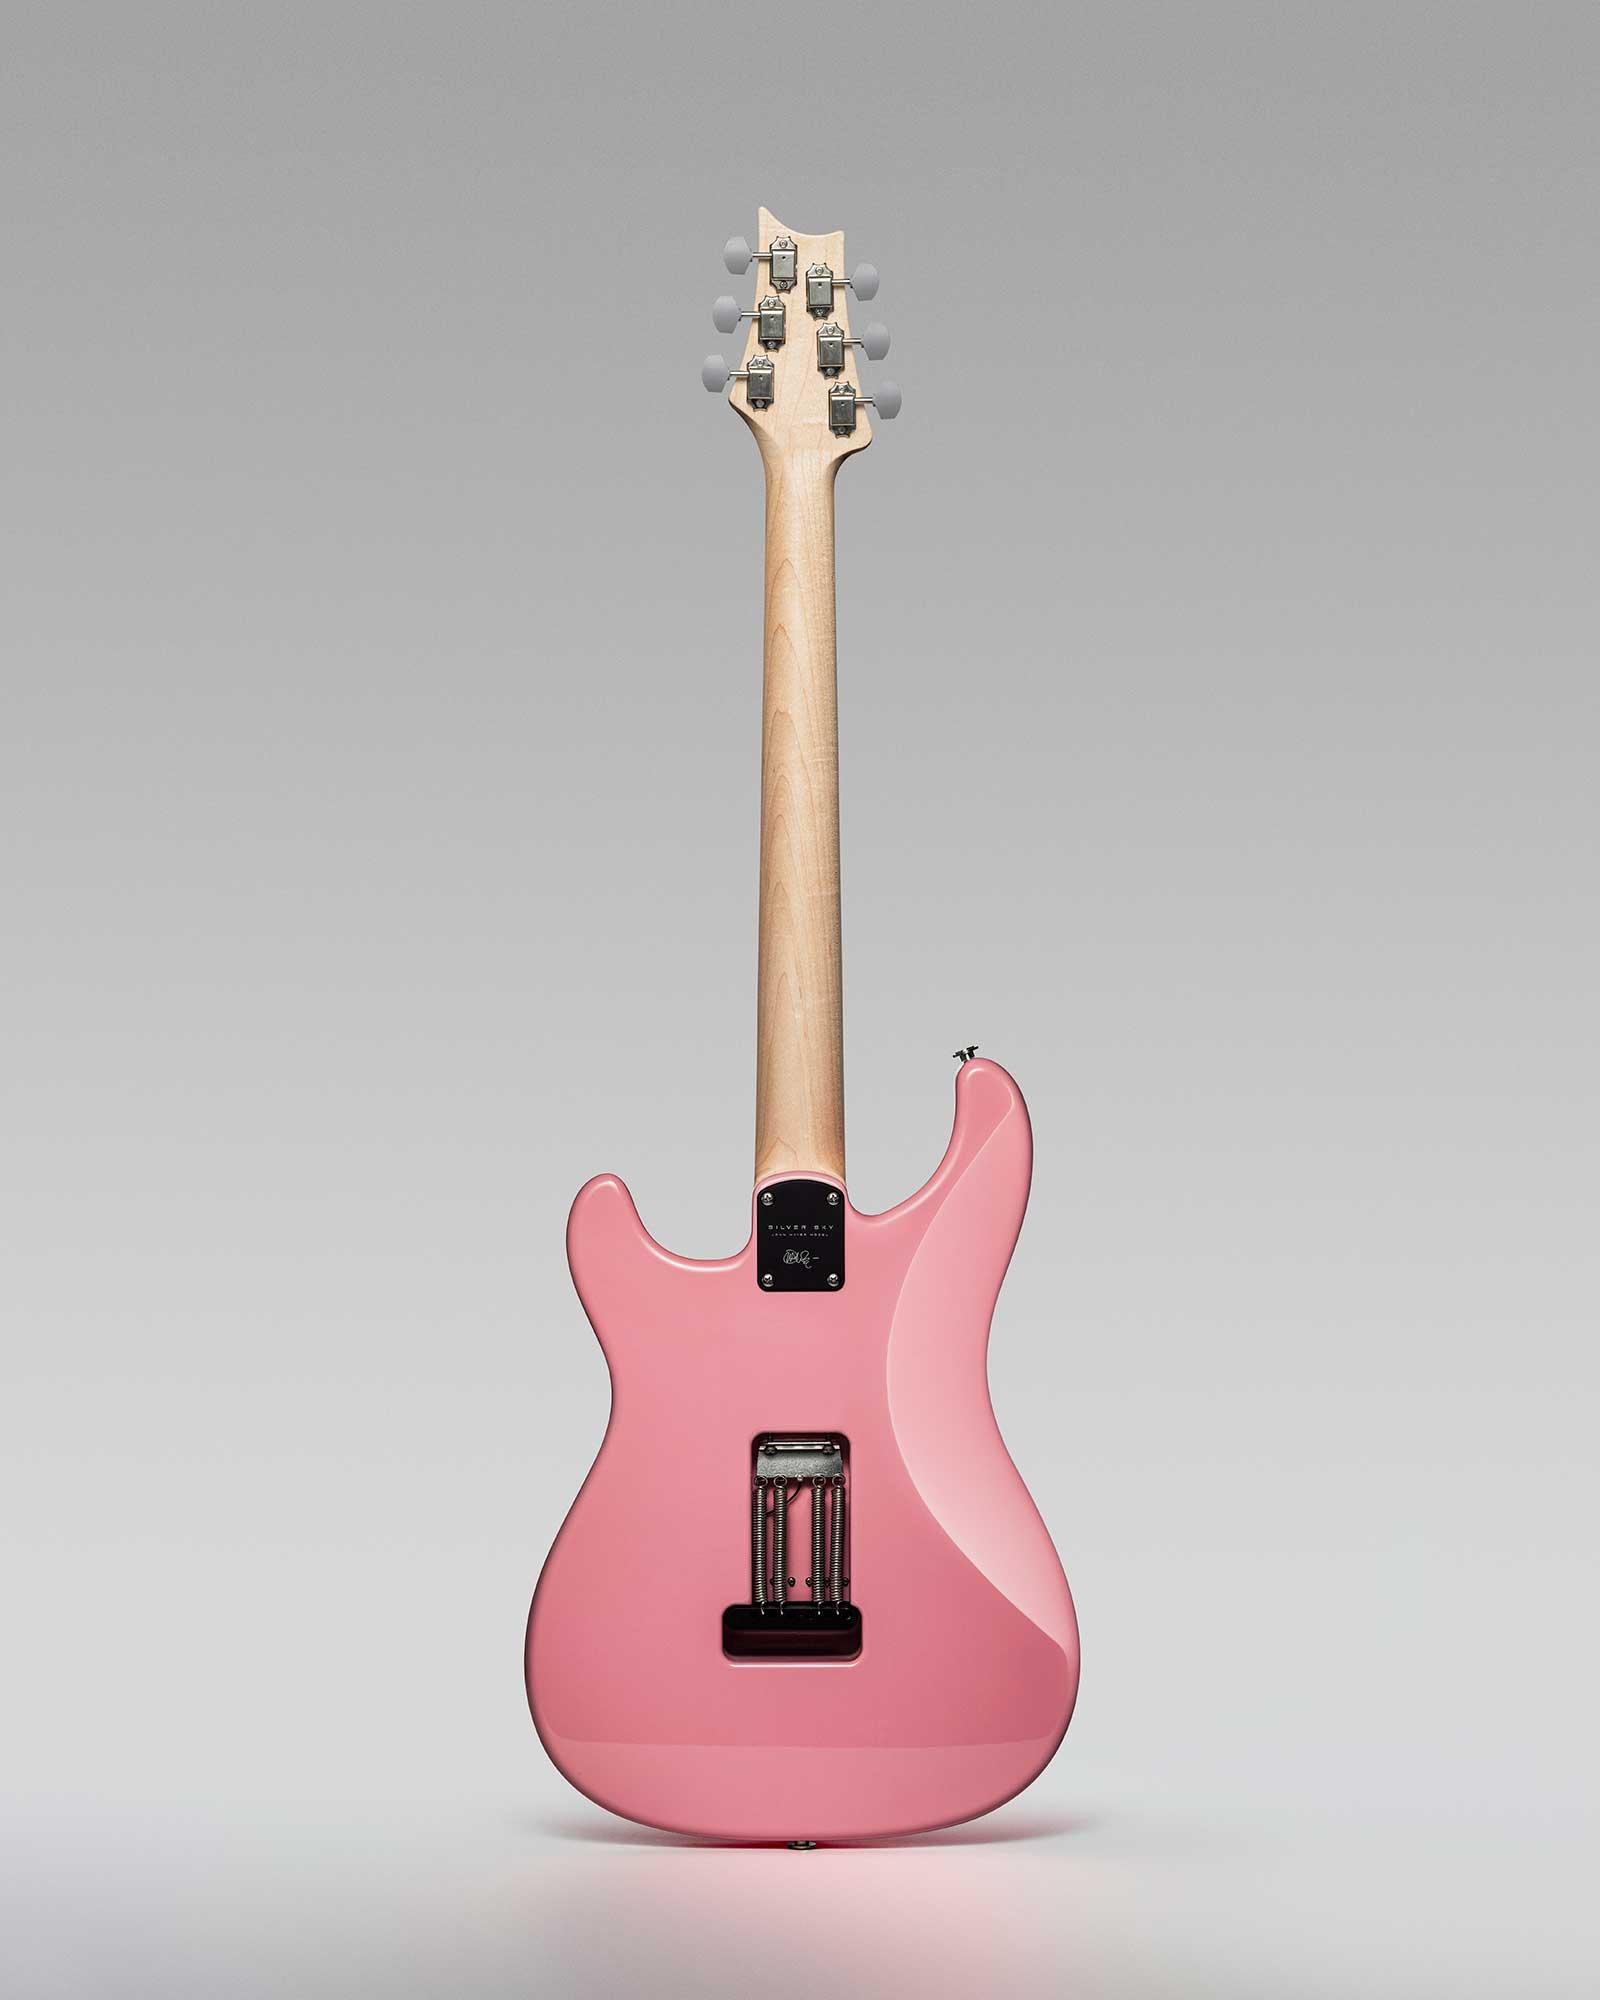 גיטרה חשמלית PRS USA Silver Sky, Roxy Pink, Rosewood